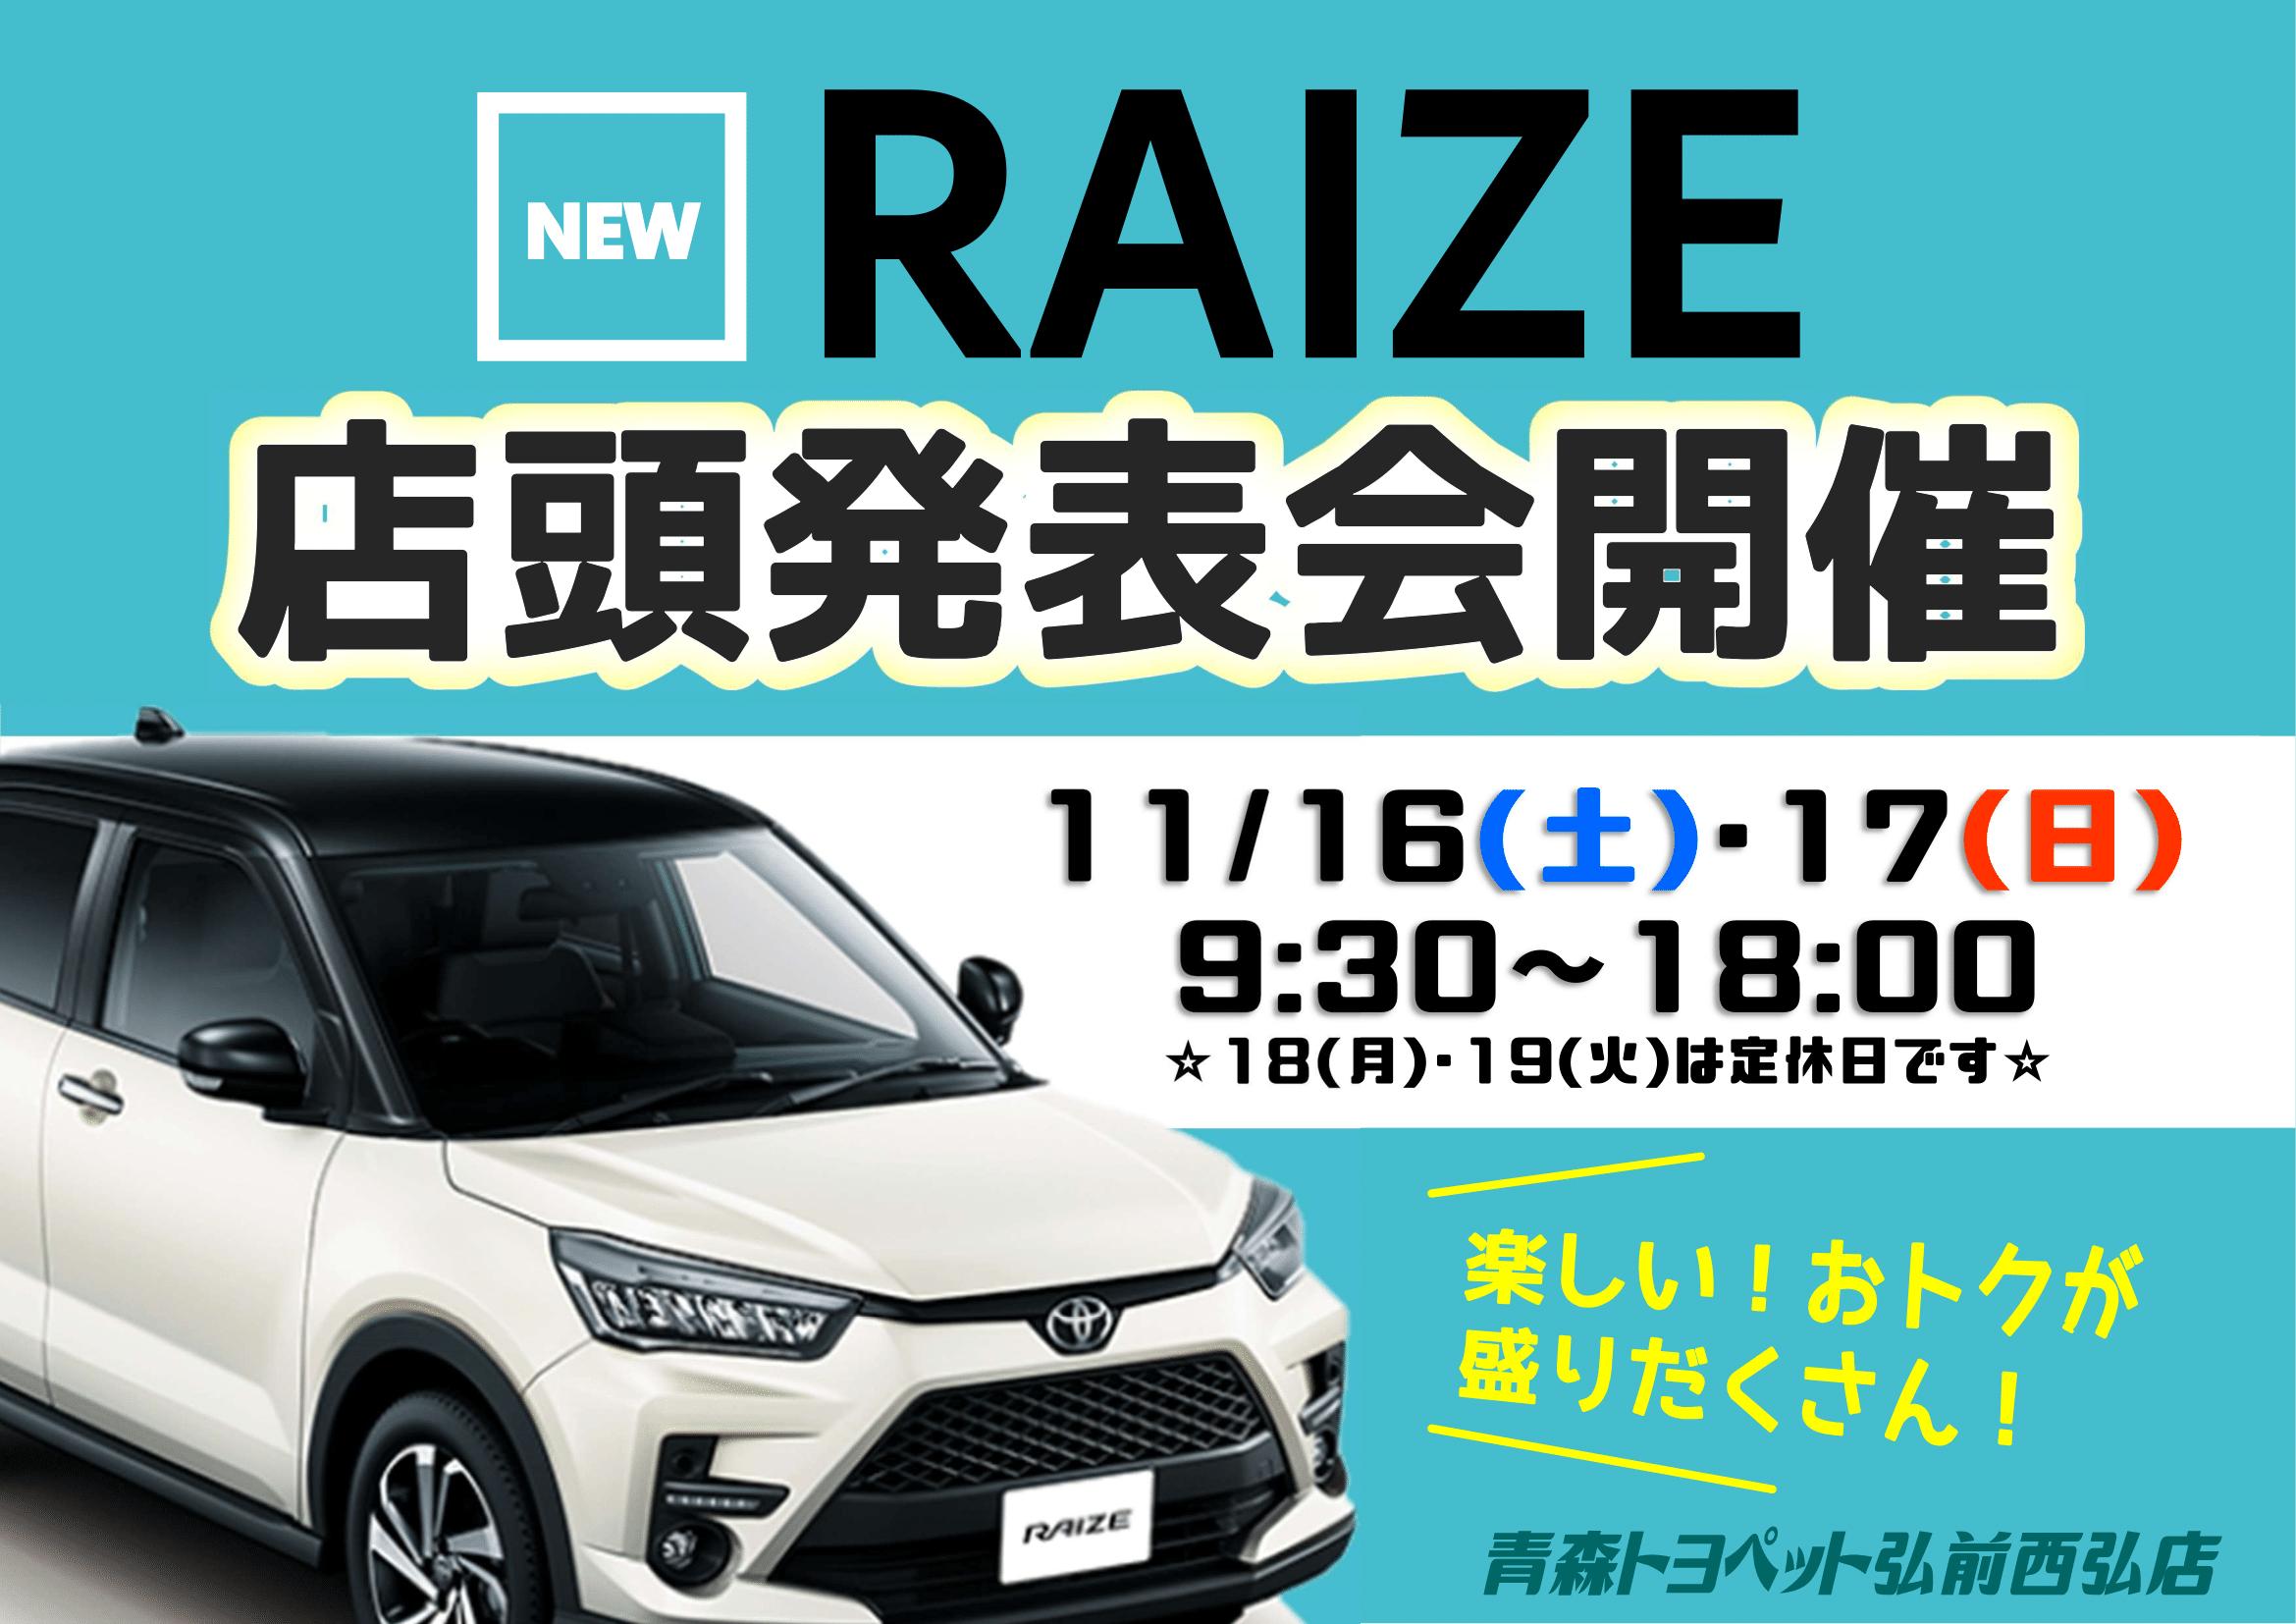 新型RAIZE店頭発表会開催! 青森トヨペット弘前西弘店